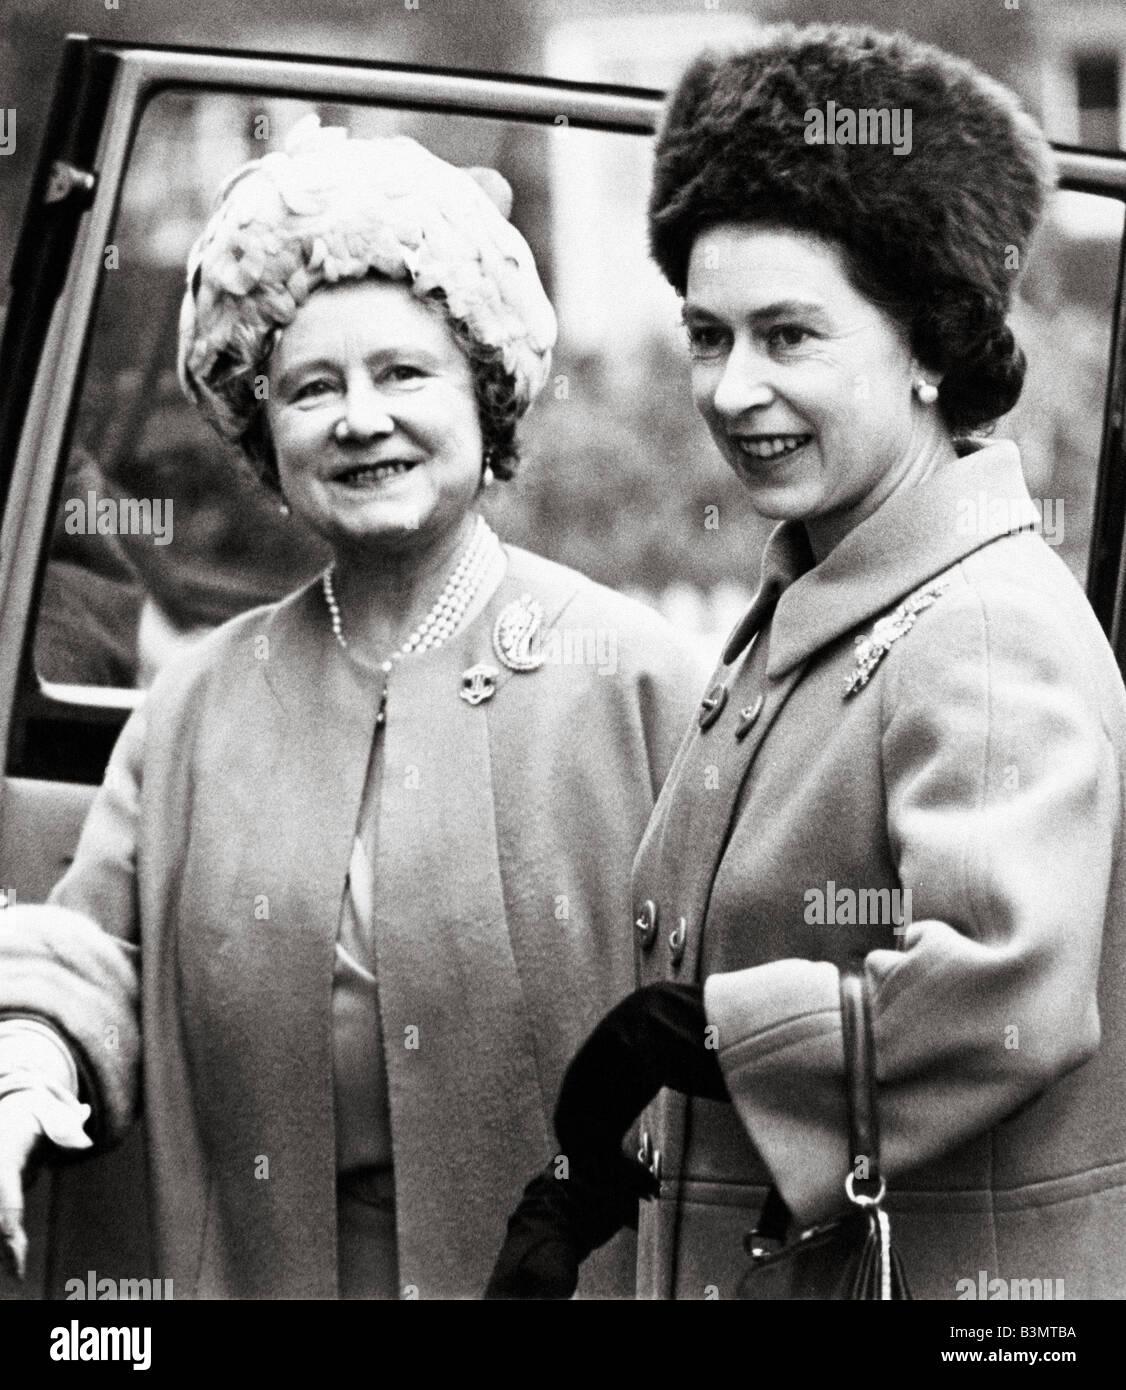 QUEEN ELIZABETH  II  and the Queen mother in 1968 - Stock Image